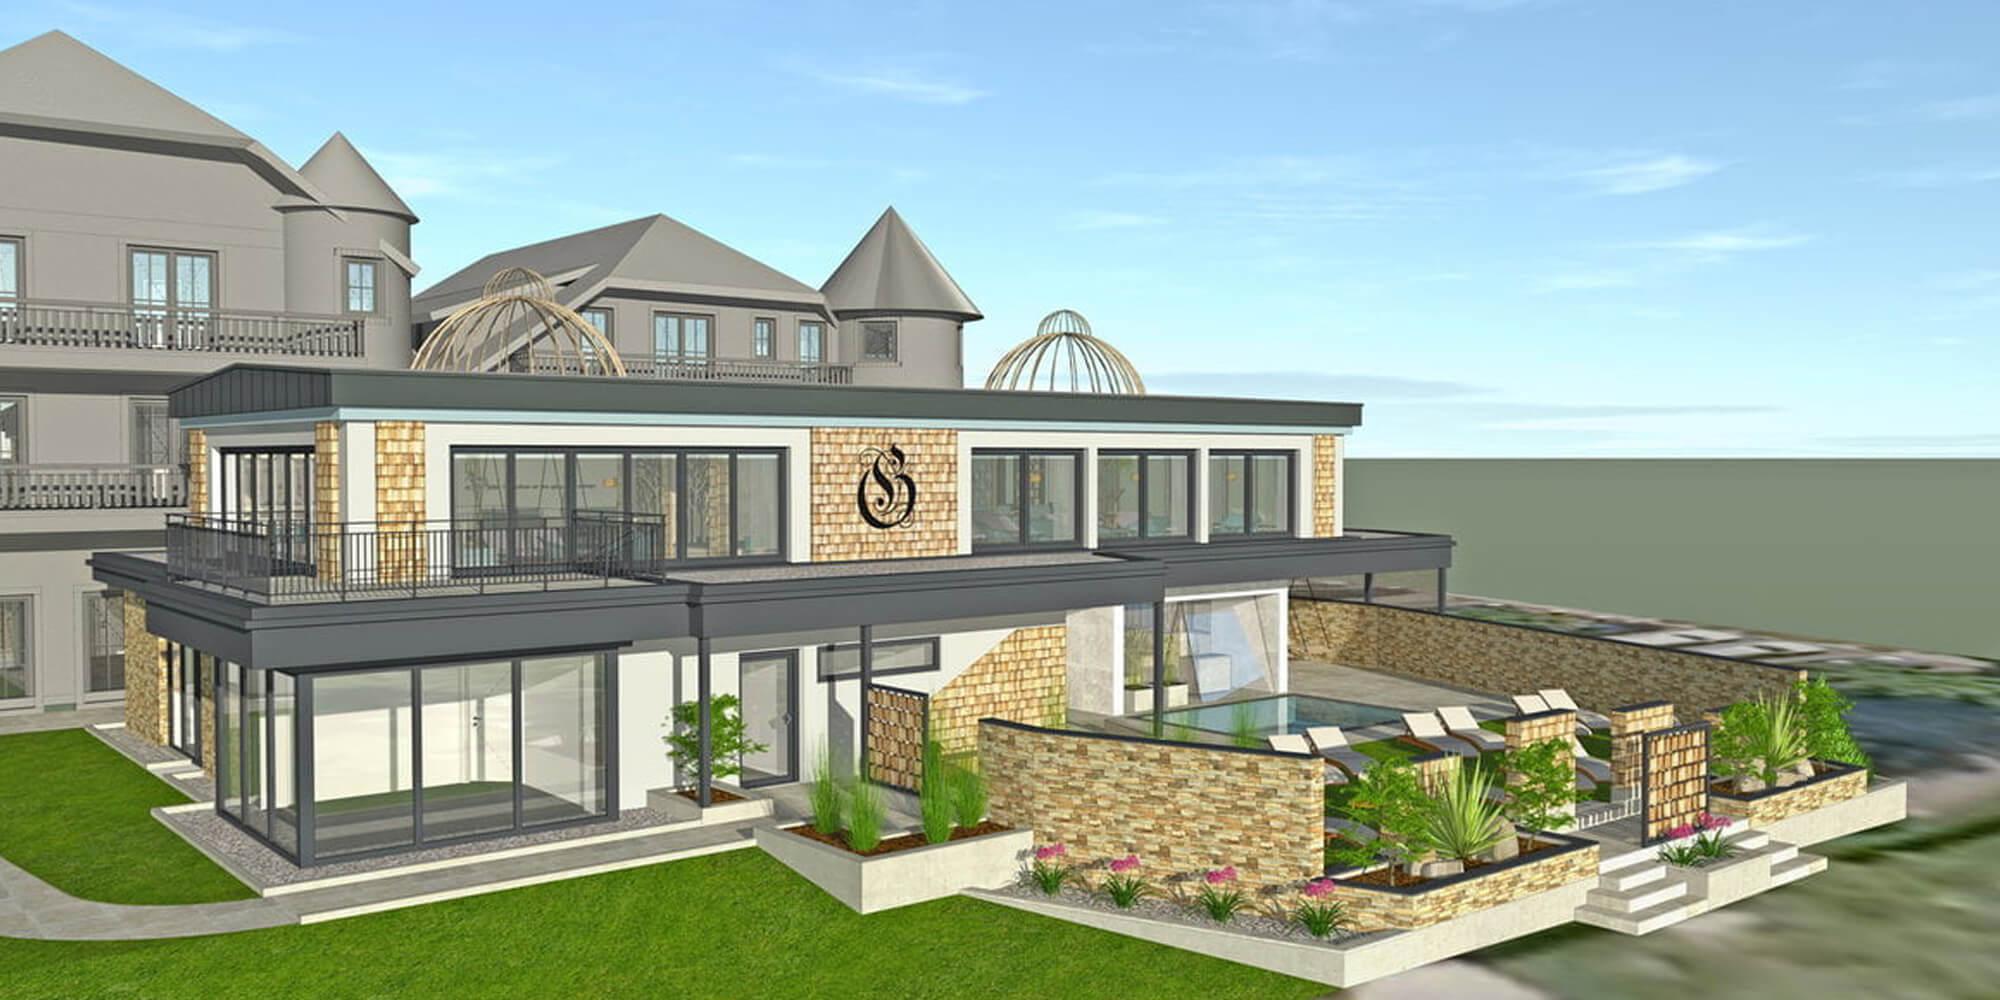 Crea-Plan-Design-Rauch-Frühmann-Architektur-Innenarchitektur-Design-Projekt-Referenz-Hotelerie-Gastronomie-Hotel-Guglwald-Wellness-I